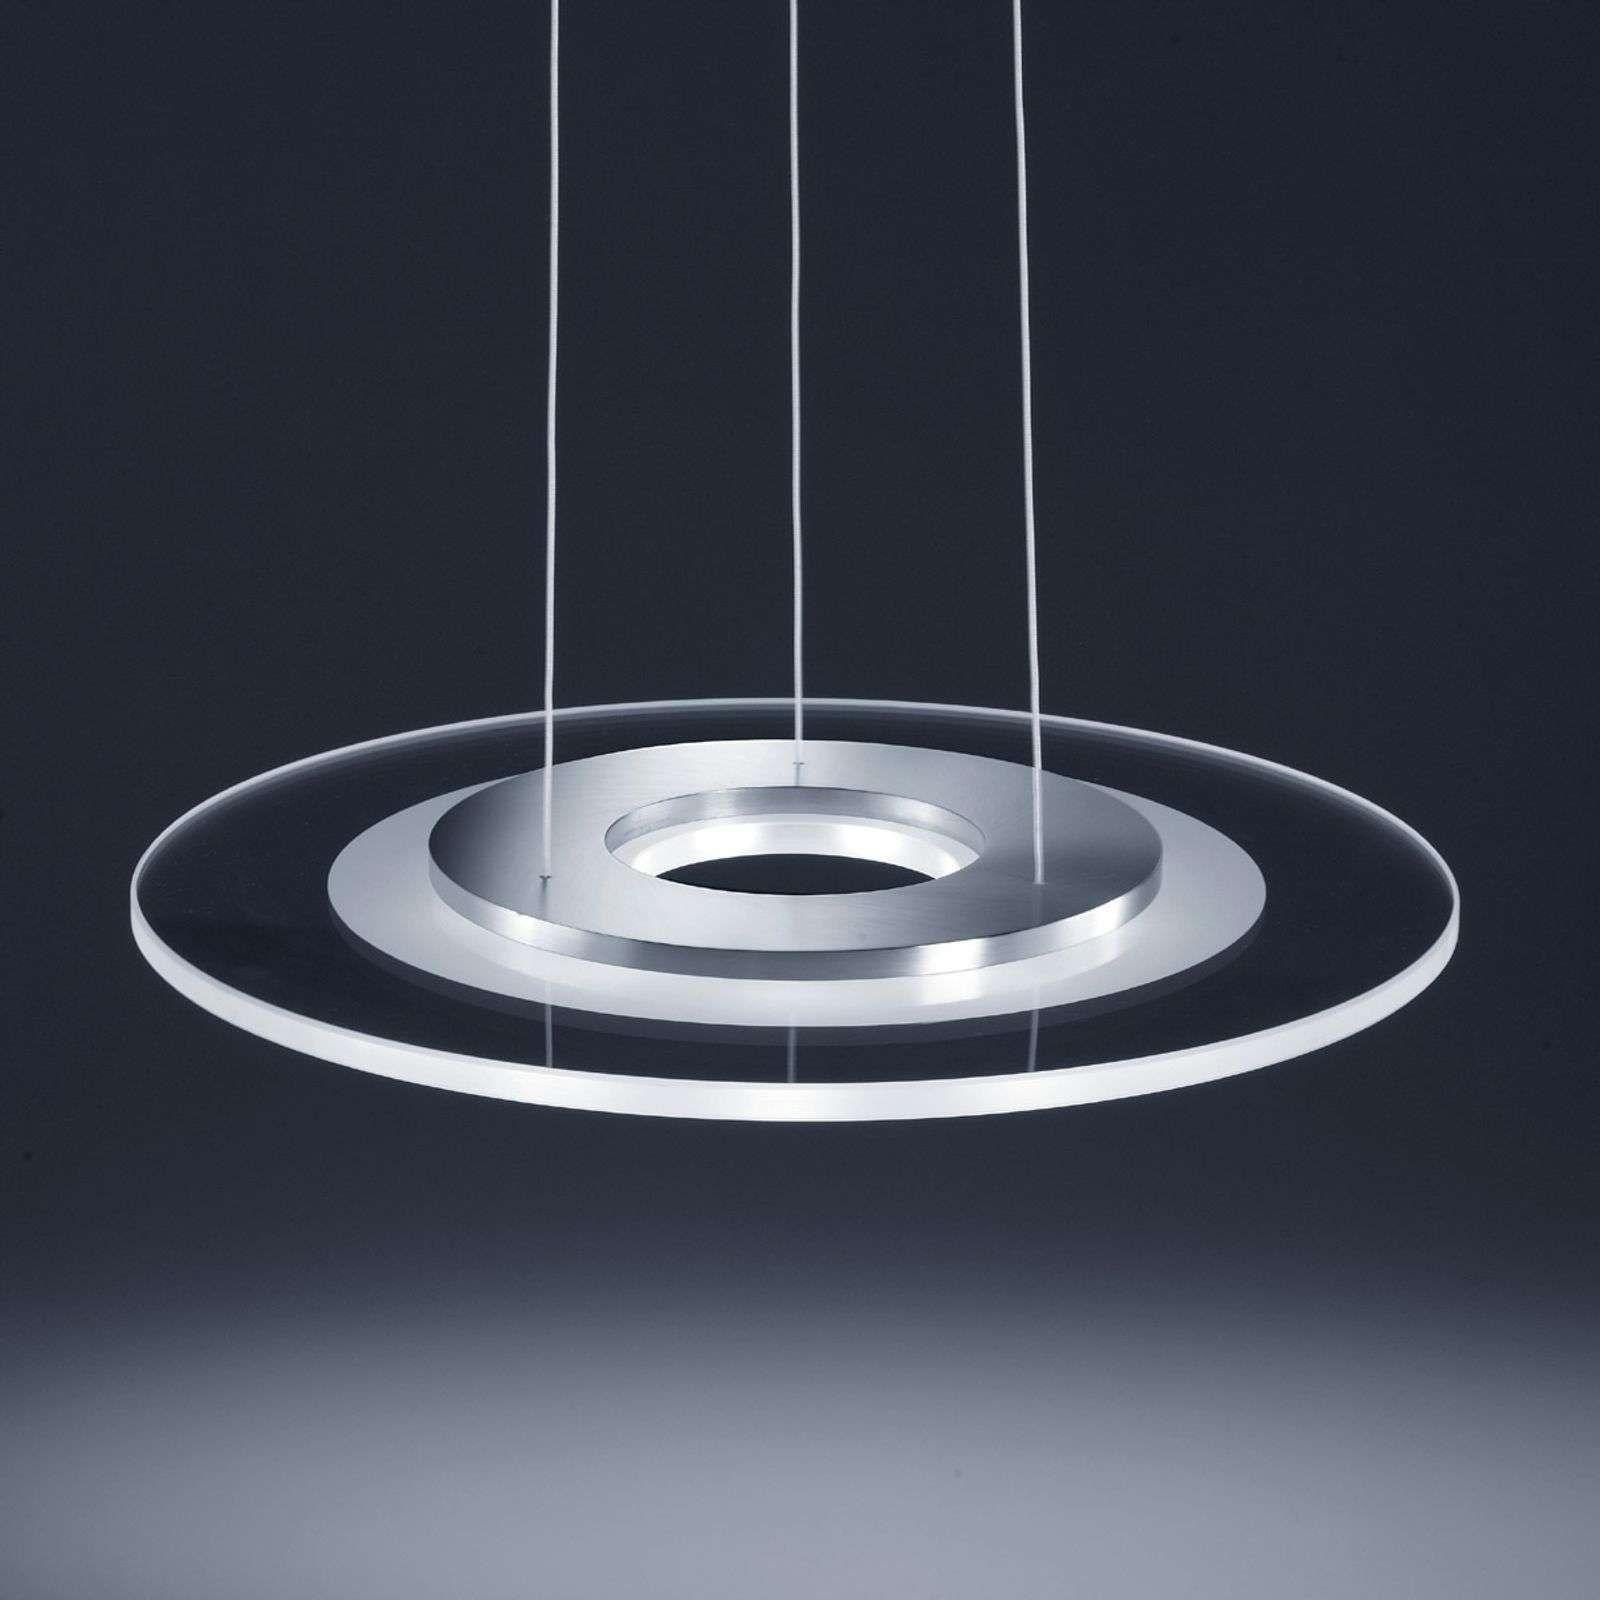 LED Hängeleuchten & LED Pendelleuchten, auch dimmbar